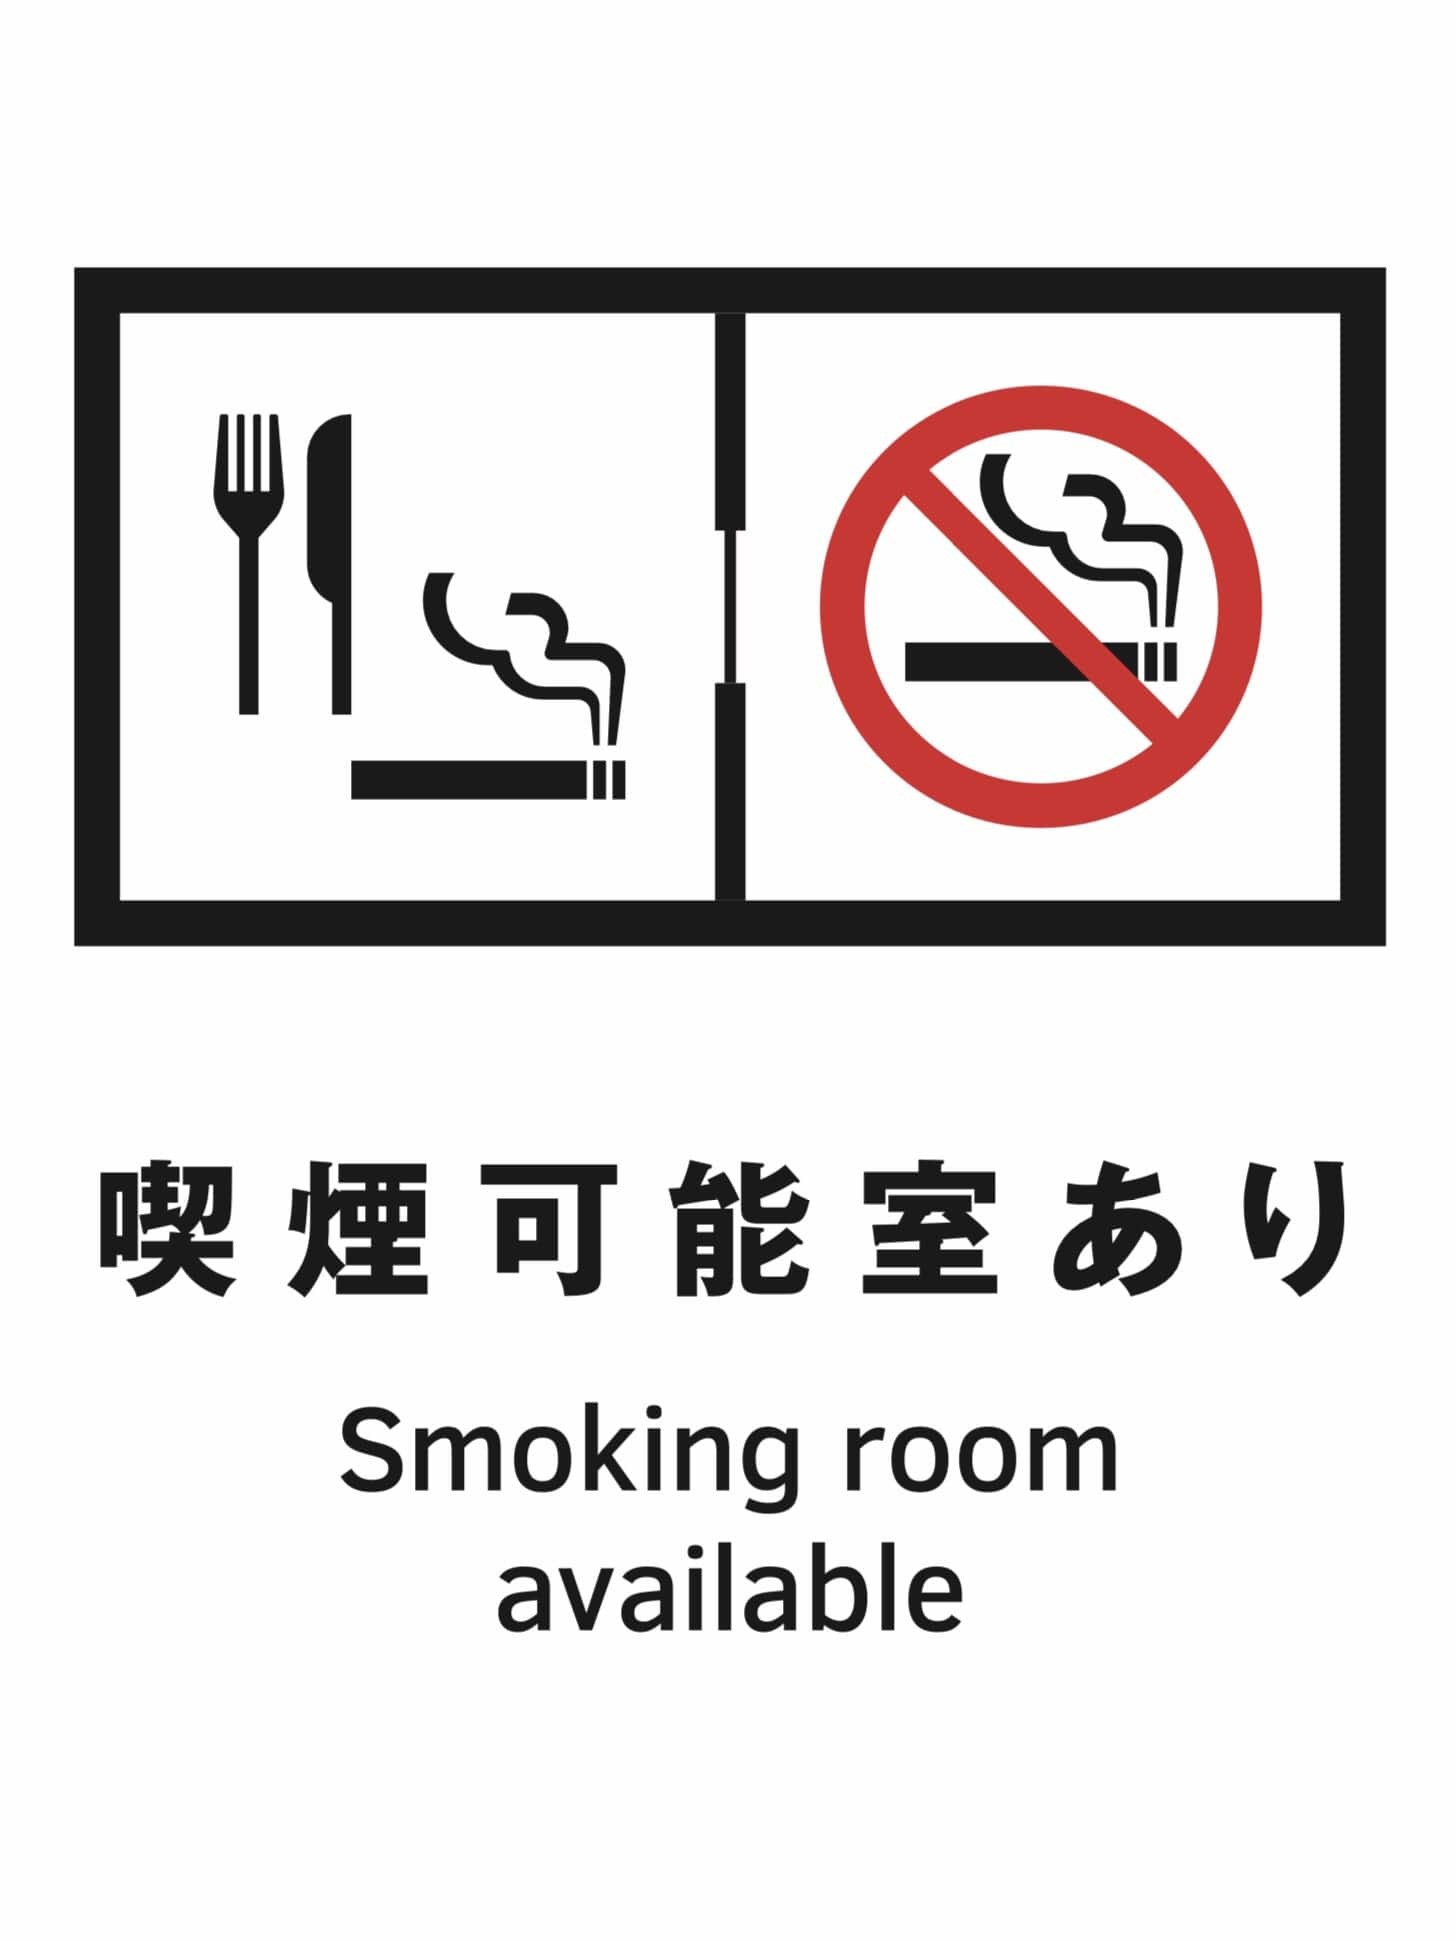 喫煙可能席ございます